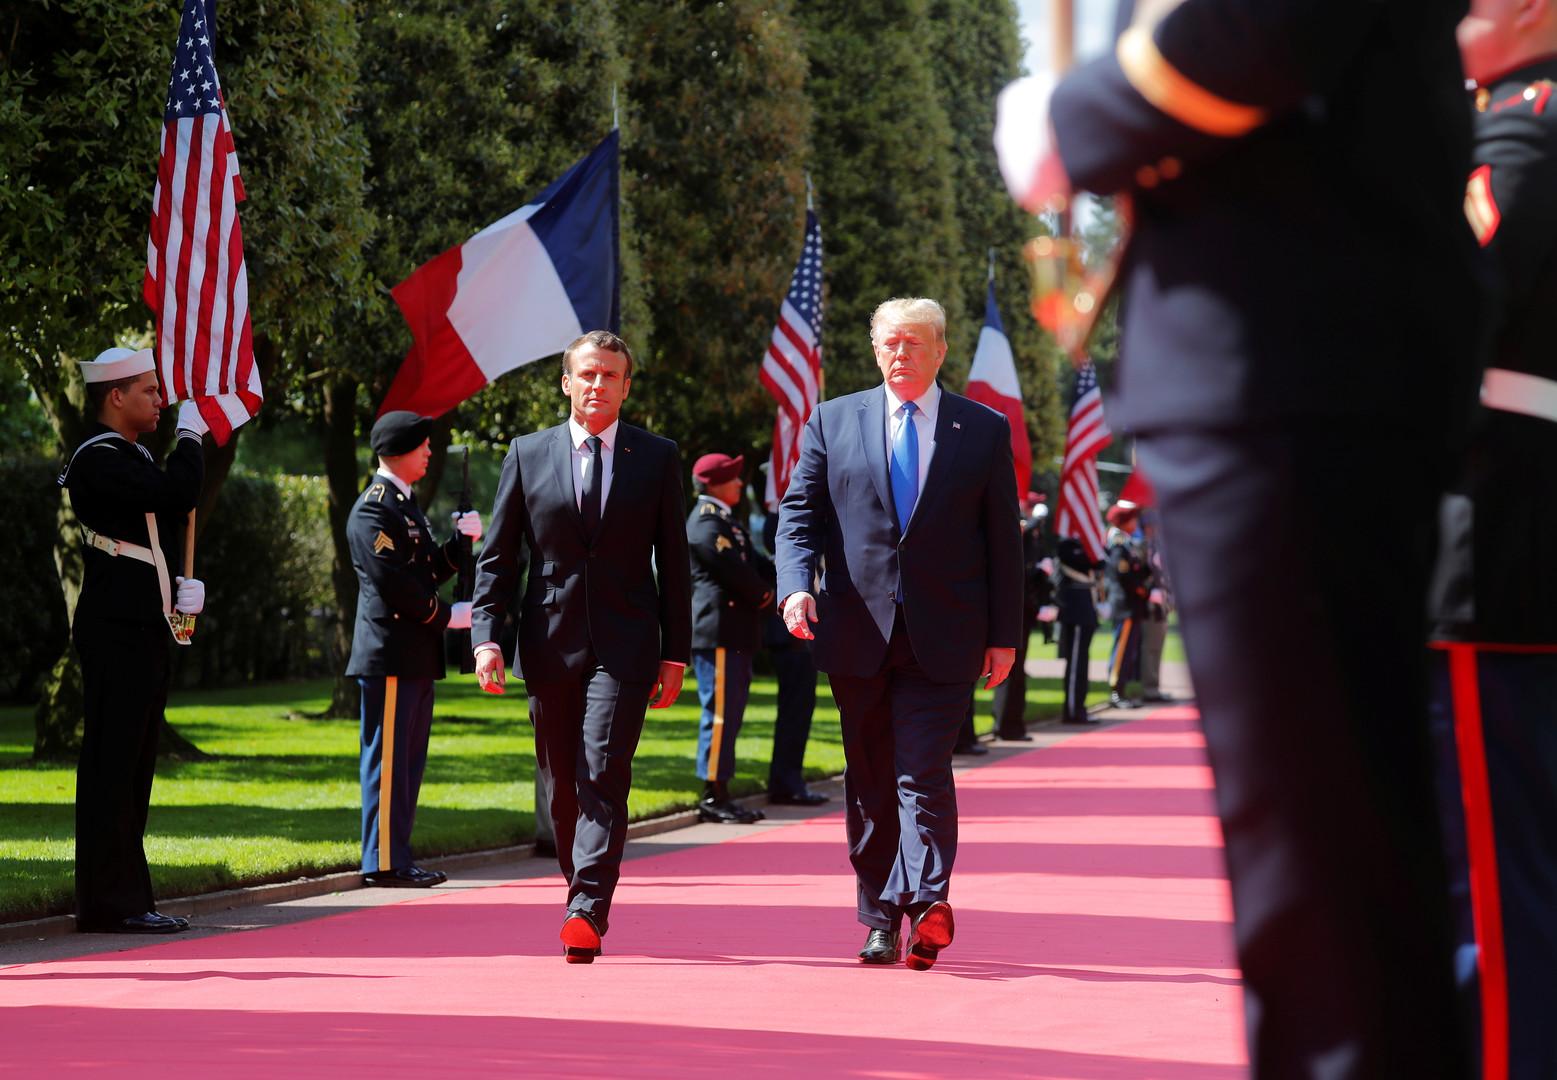 فرنسا تحيي الذكرى الـ75 لإنزال نورماندي